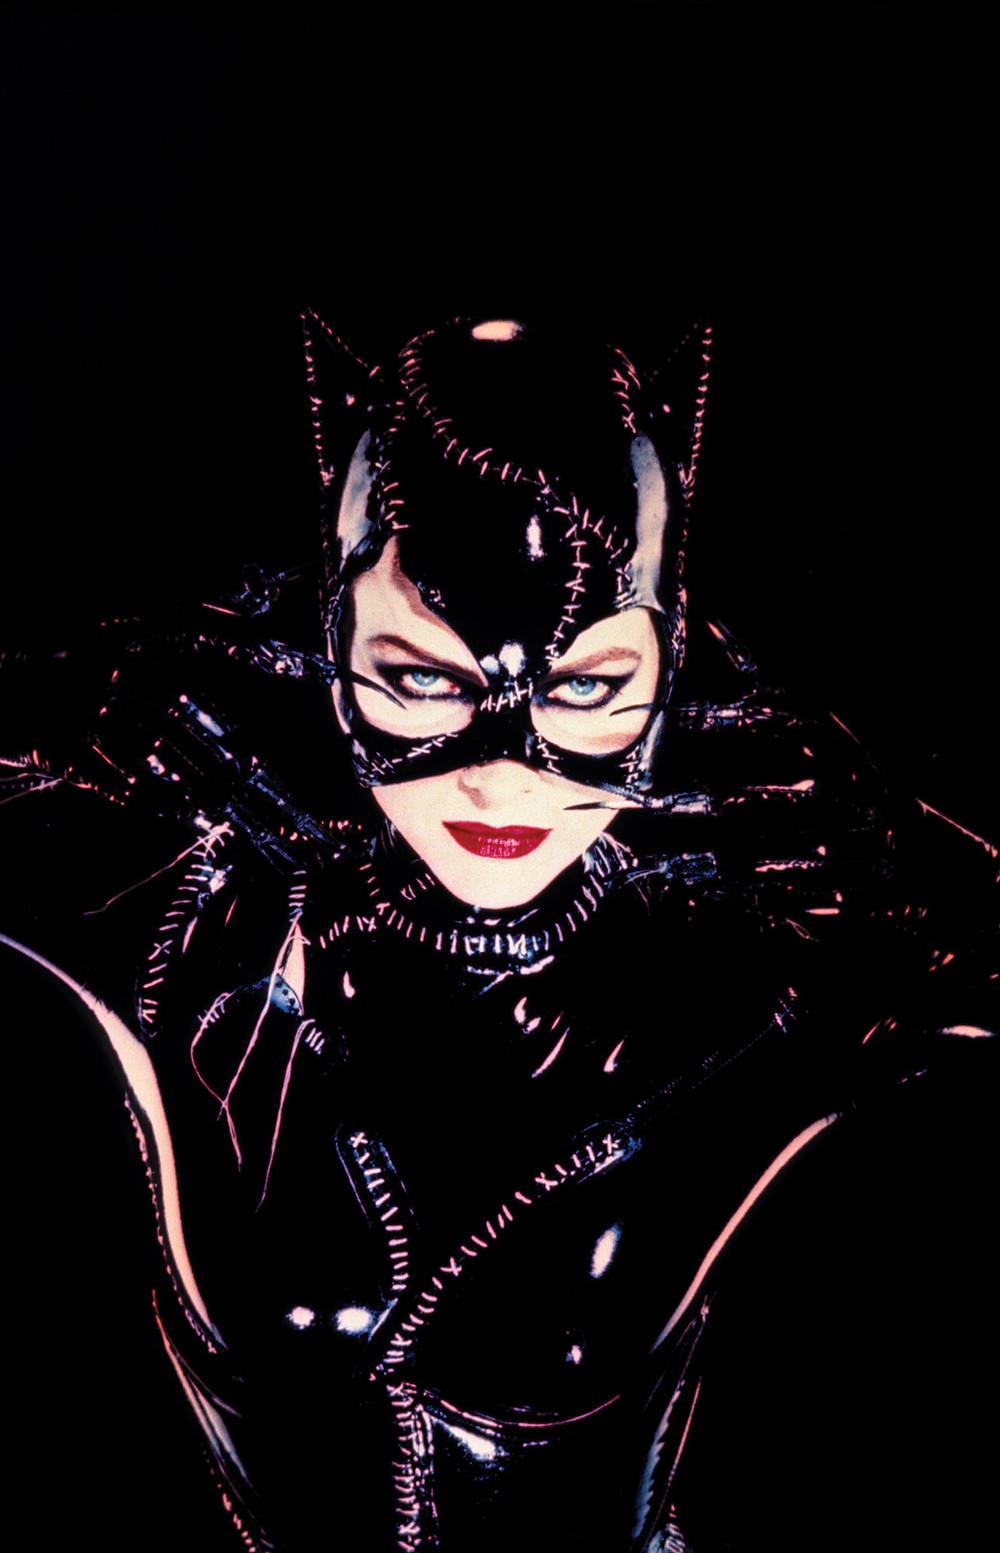 Catwoman, Michelle Pfeiffer interpreta Catwoman